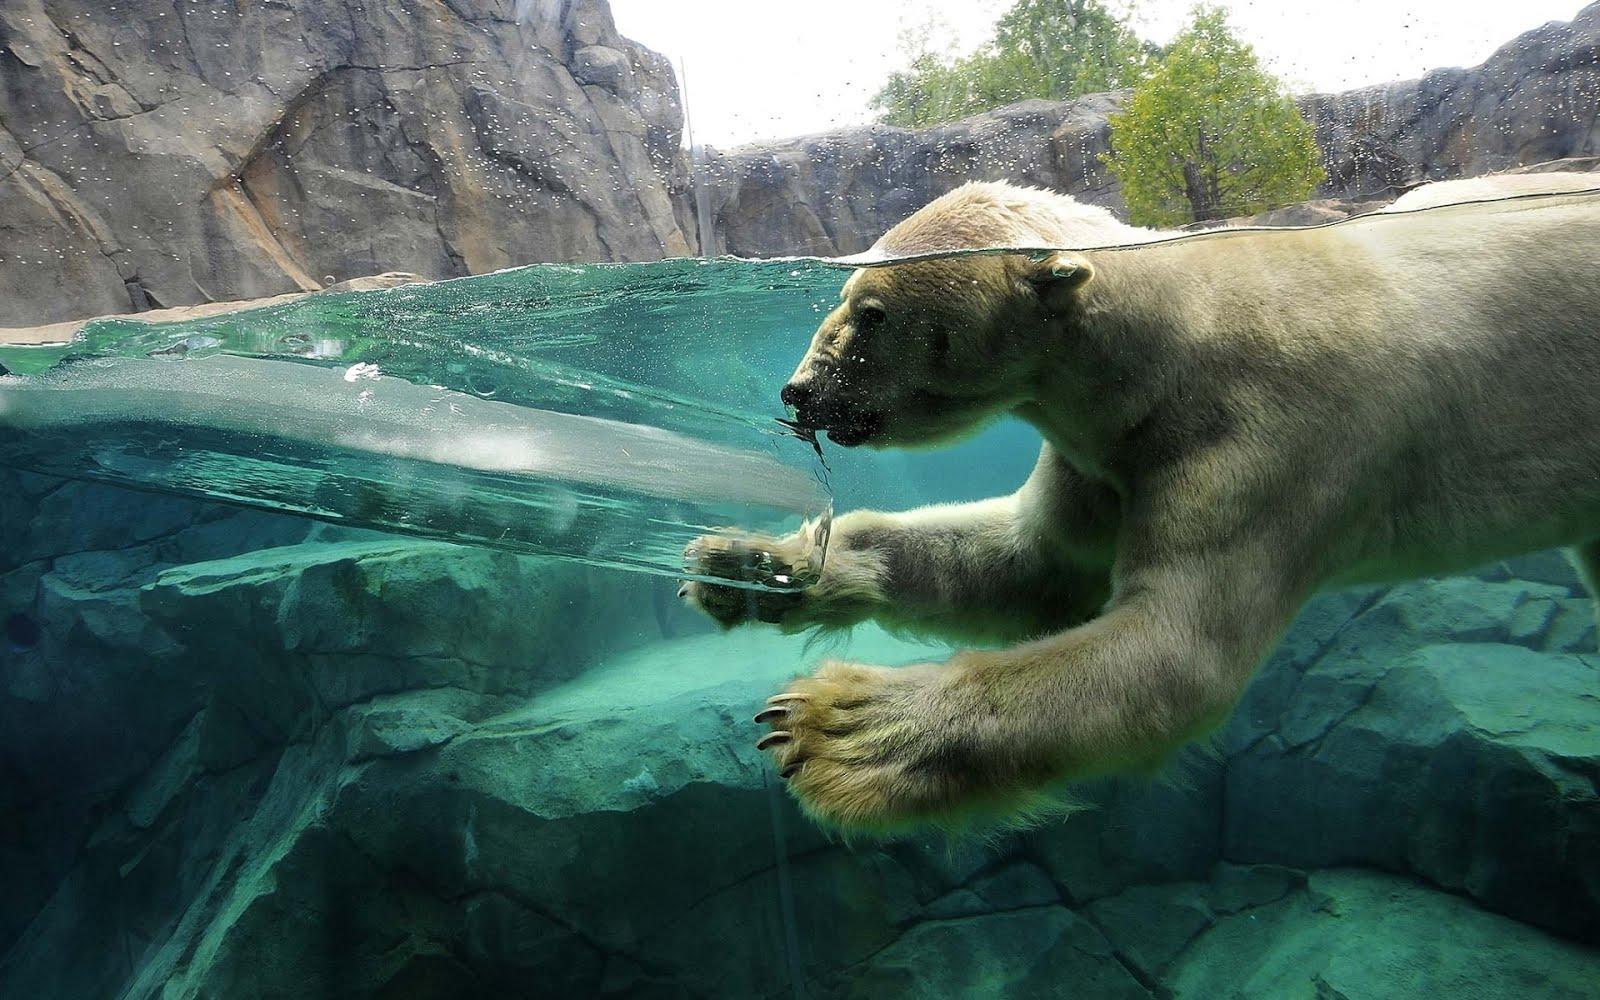 http://4.bp.blogspot.com/-wH5u1abqVxw/UJcO-vms8PI/AAAAAAABOkA/drEQQLyJdyc/s1600/polar-bear-swimming-1920x1200-wallpaper-oso.jpg